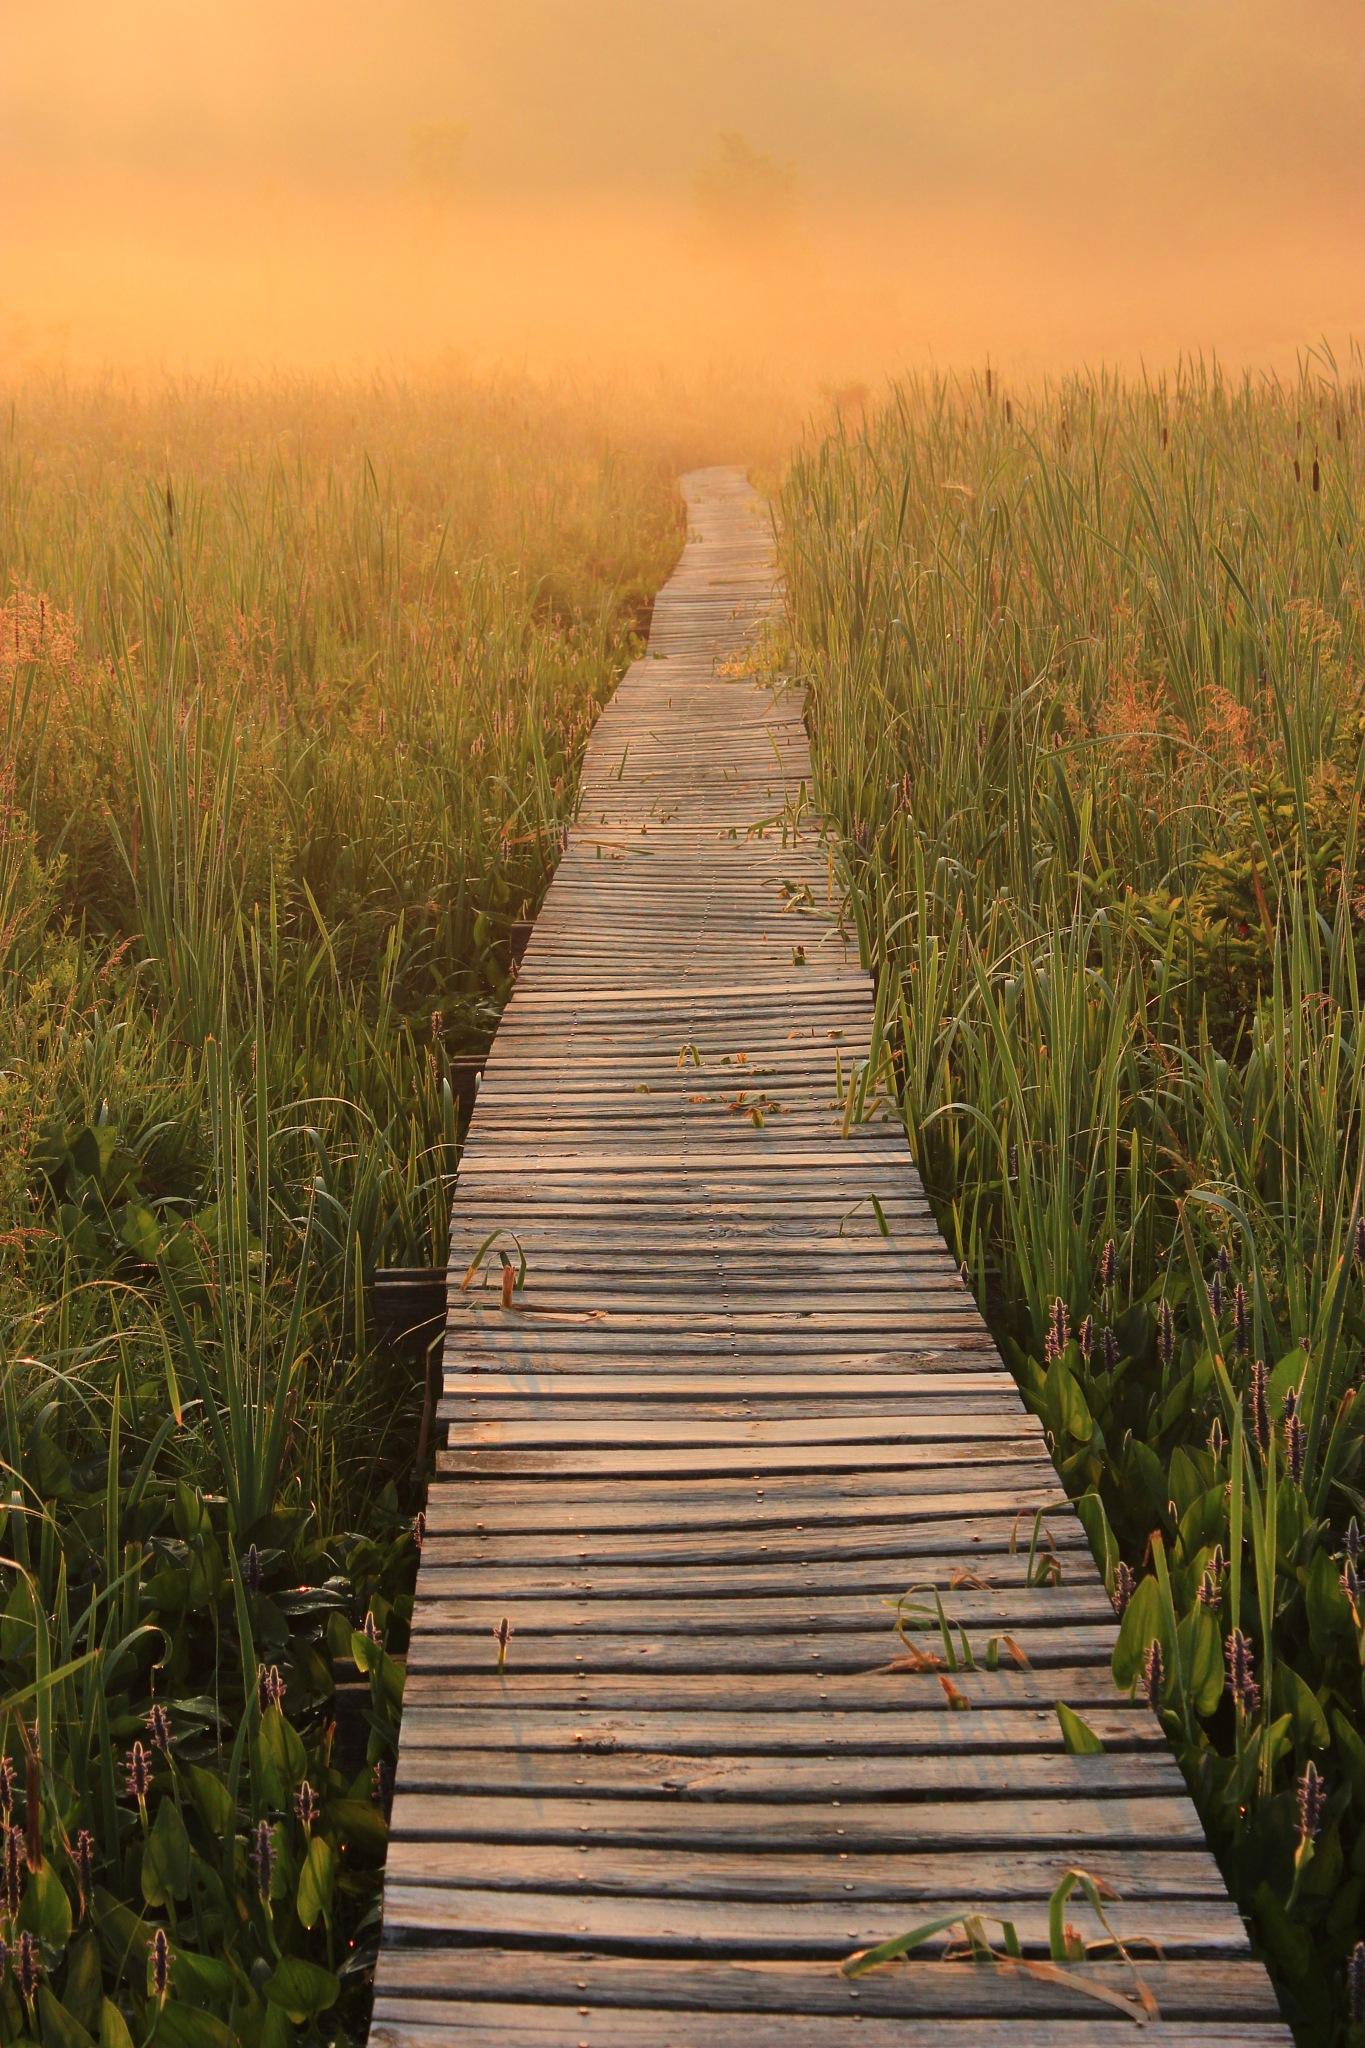 The Orange Mist by Jeff Pudlinski